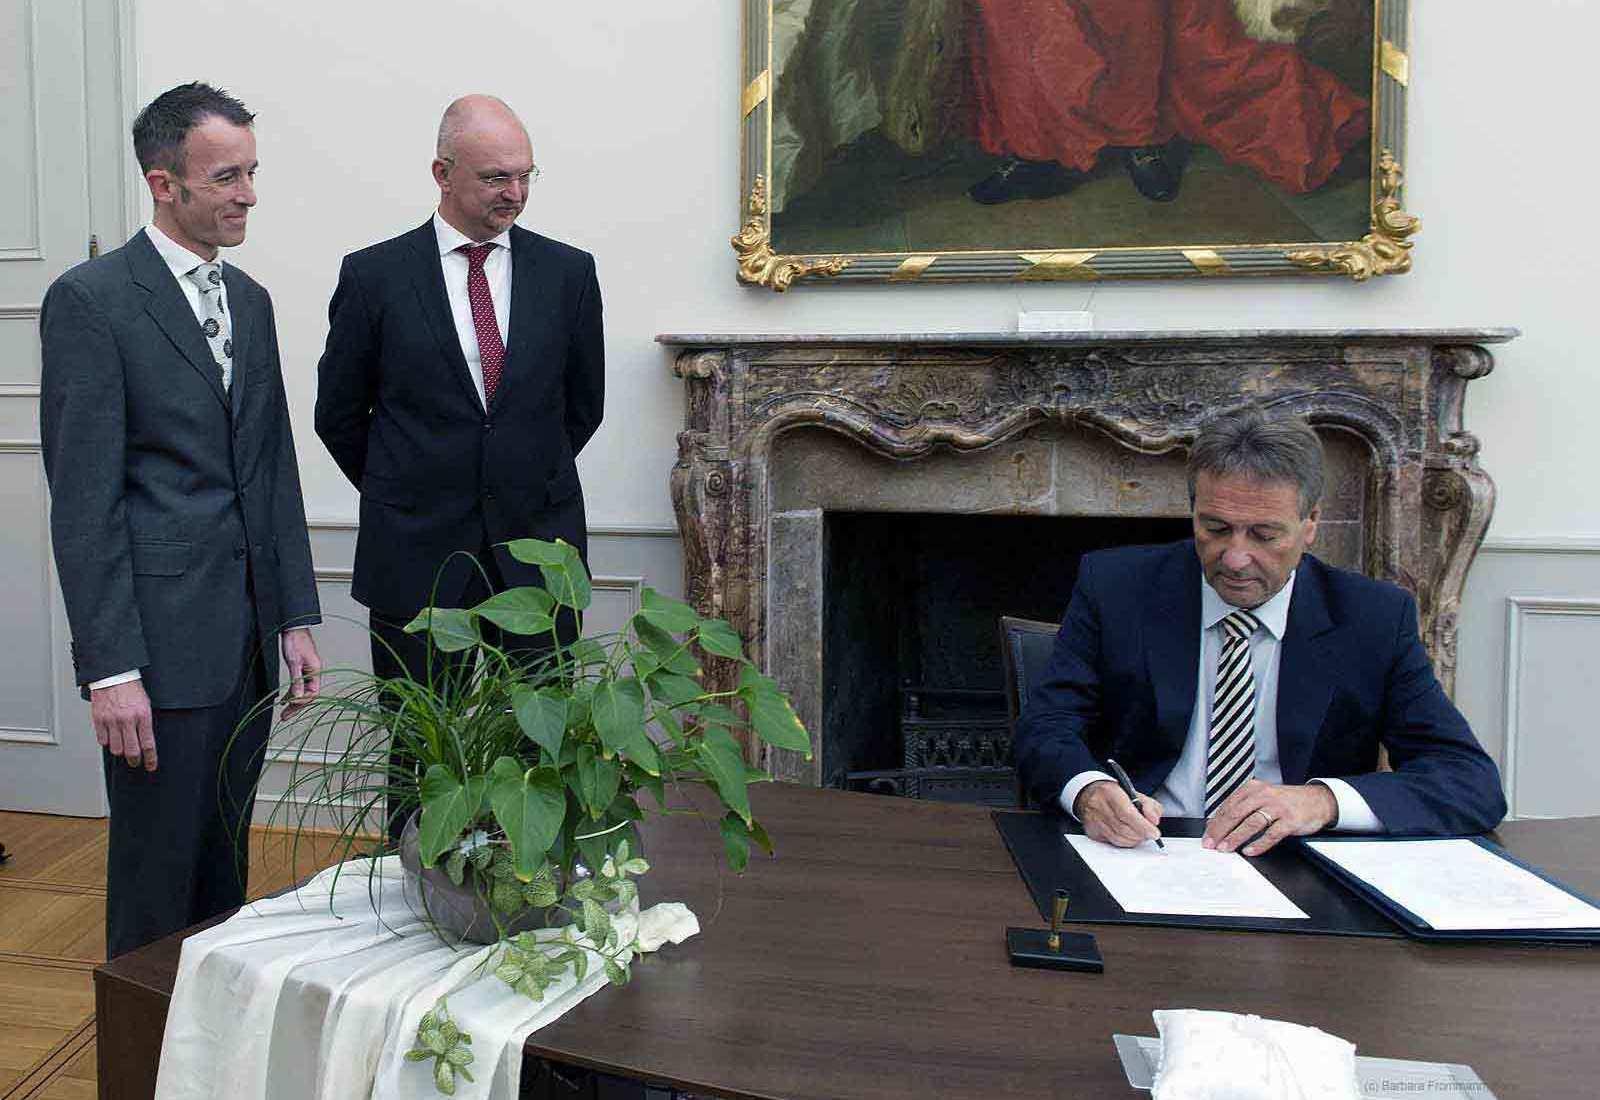 Der Bonner Oberbürgermeister bei der Unterzeichnung der Urkunden. (Foto: Barbara Frommann)